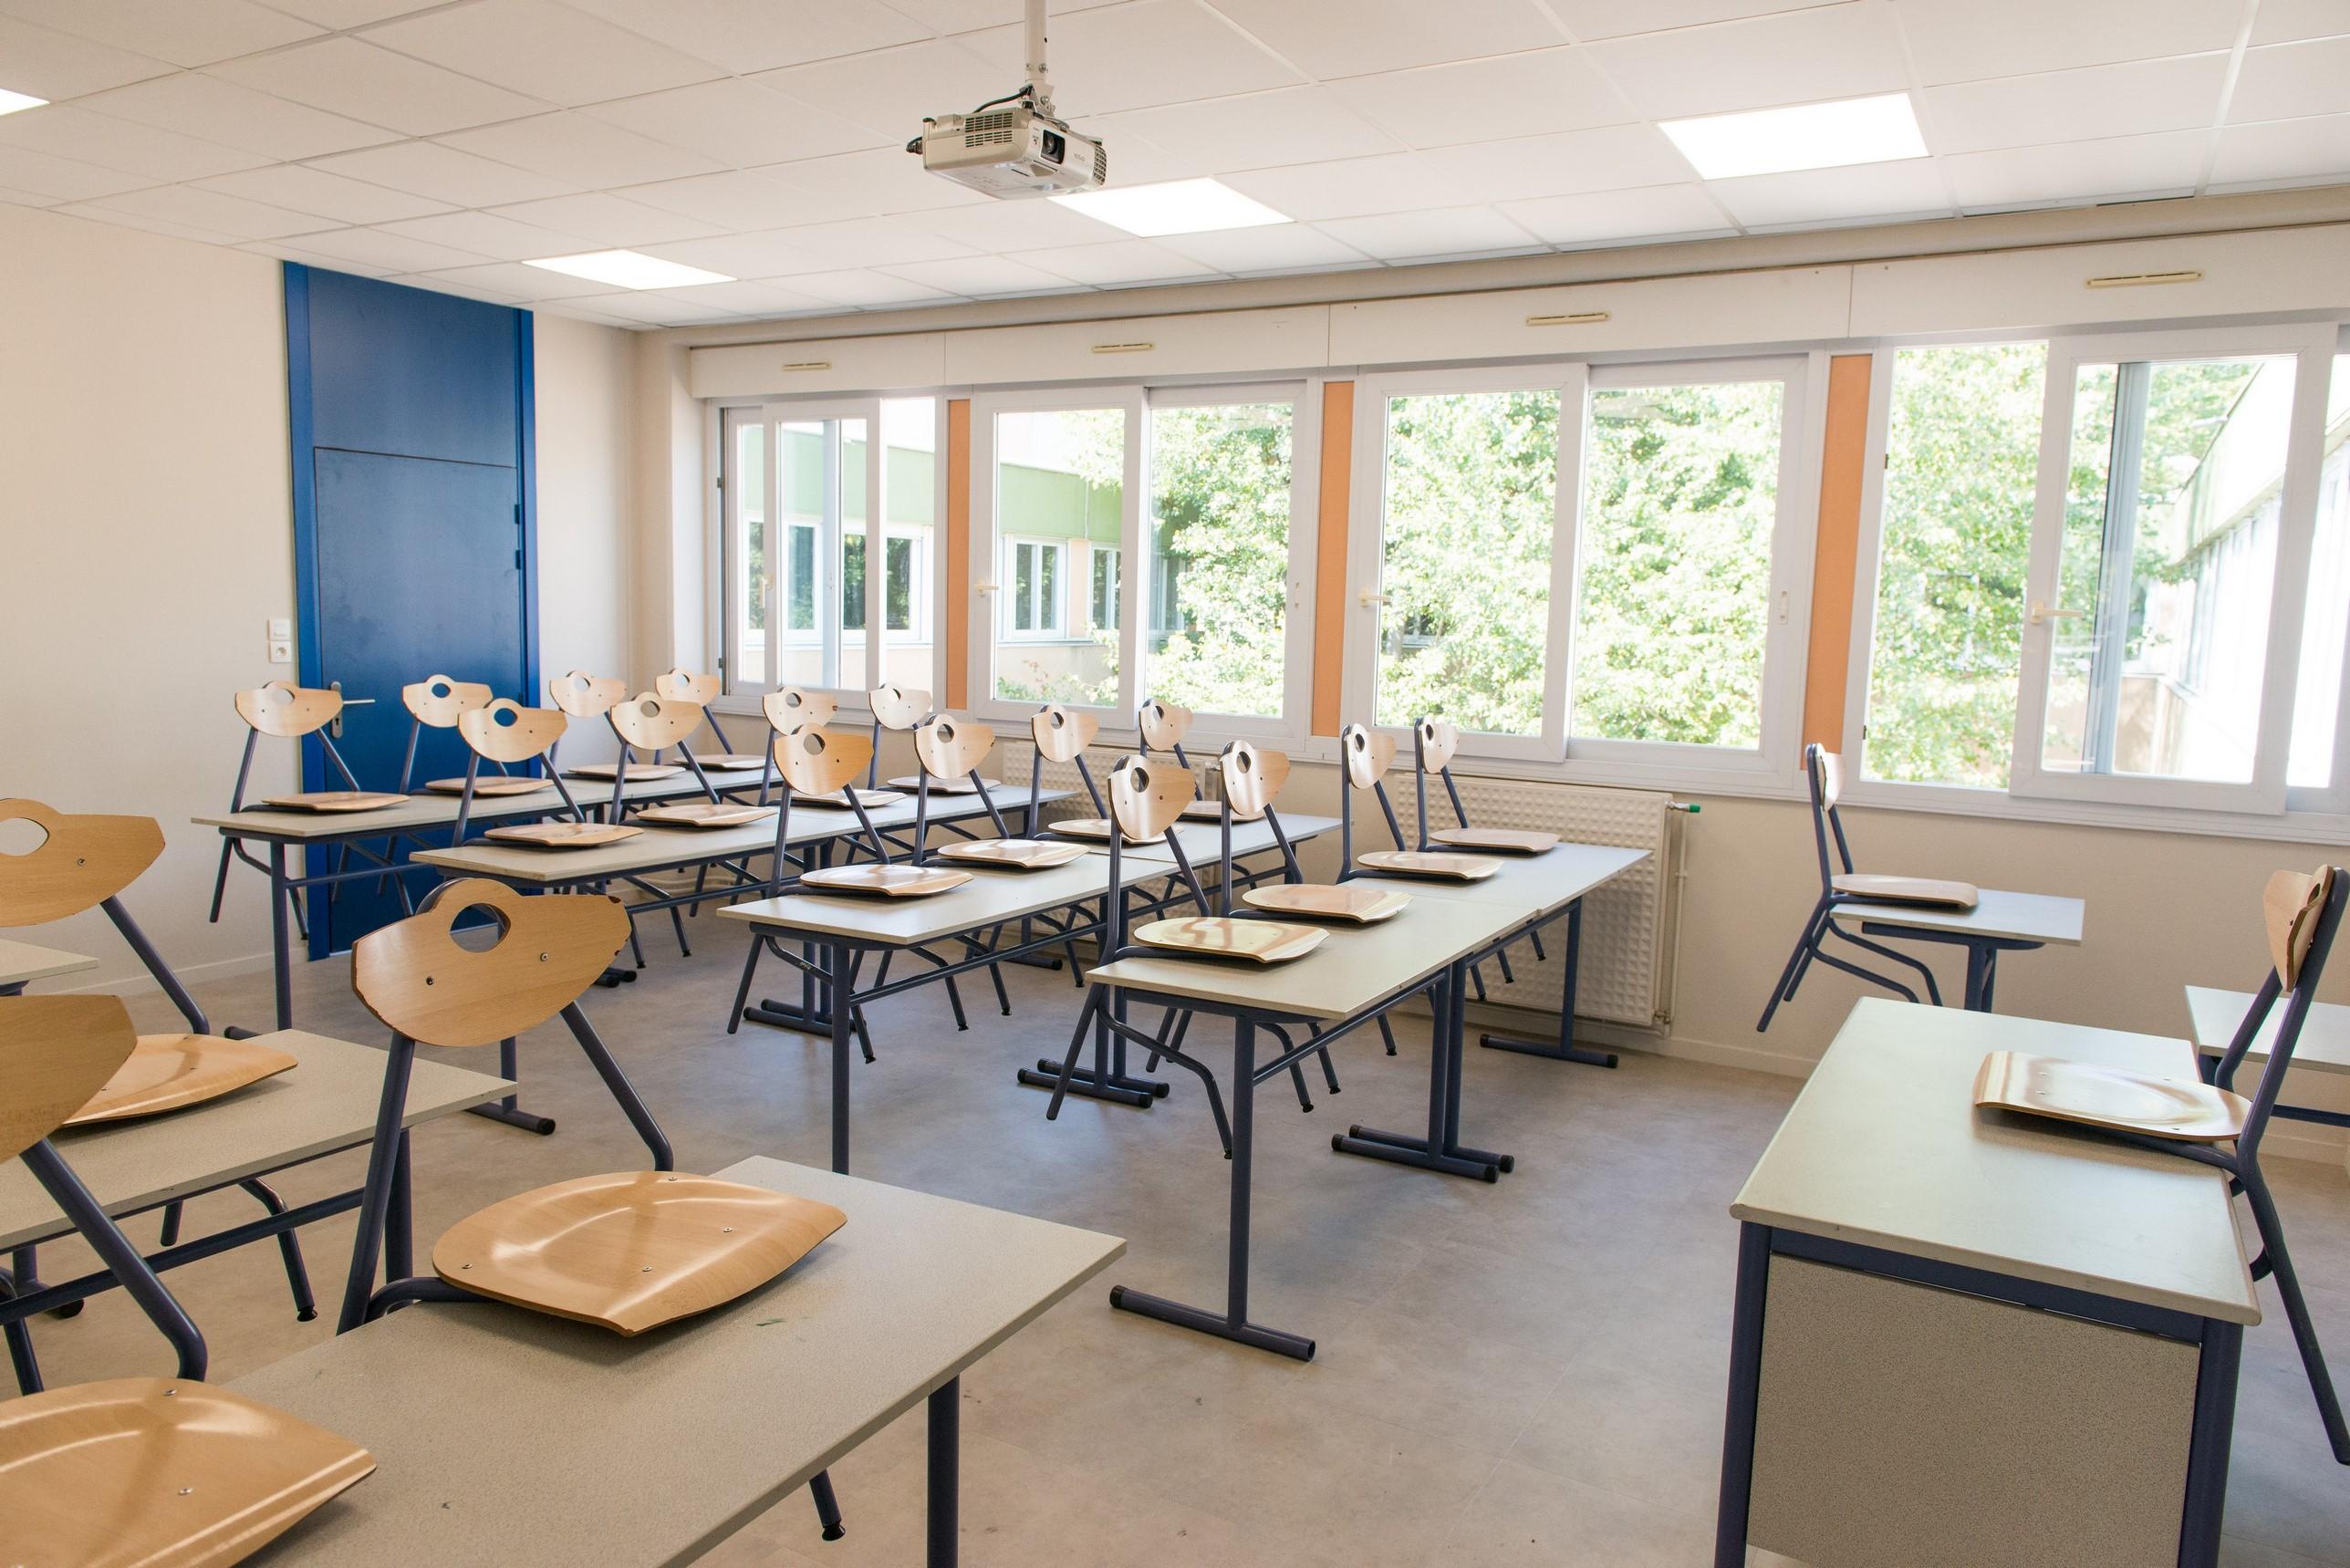 Collège Lucie Aubrac Géants - Travaux au 24 août